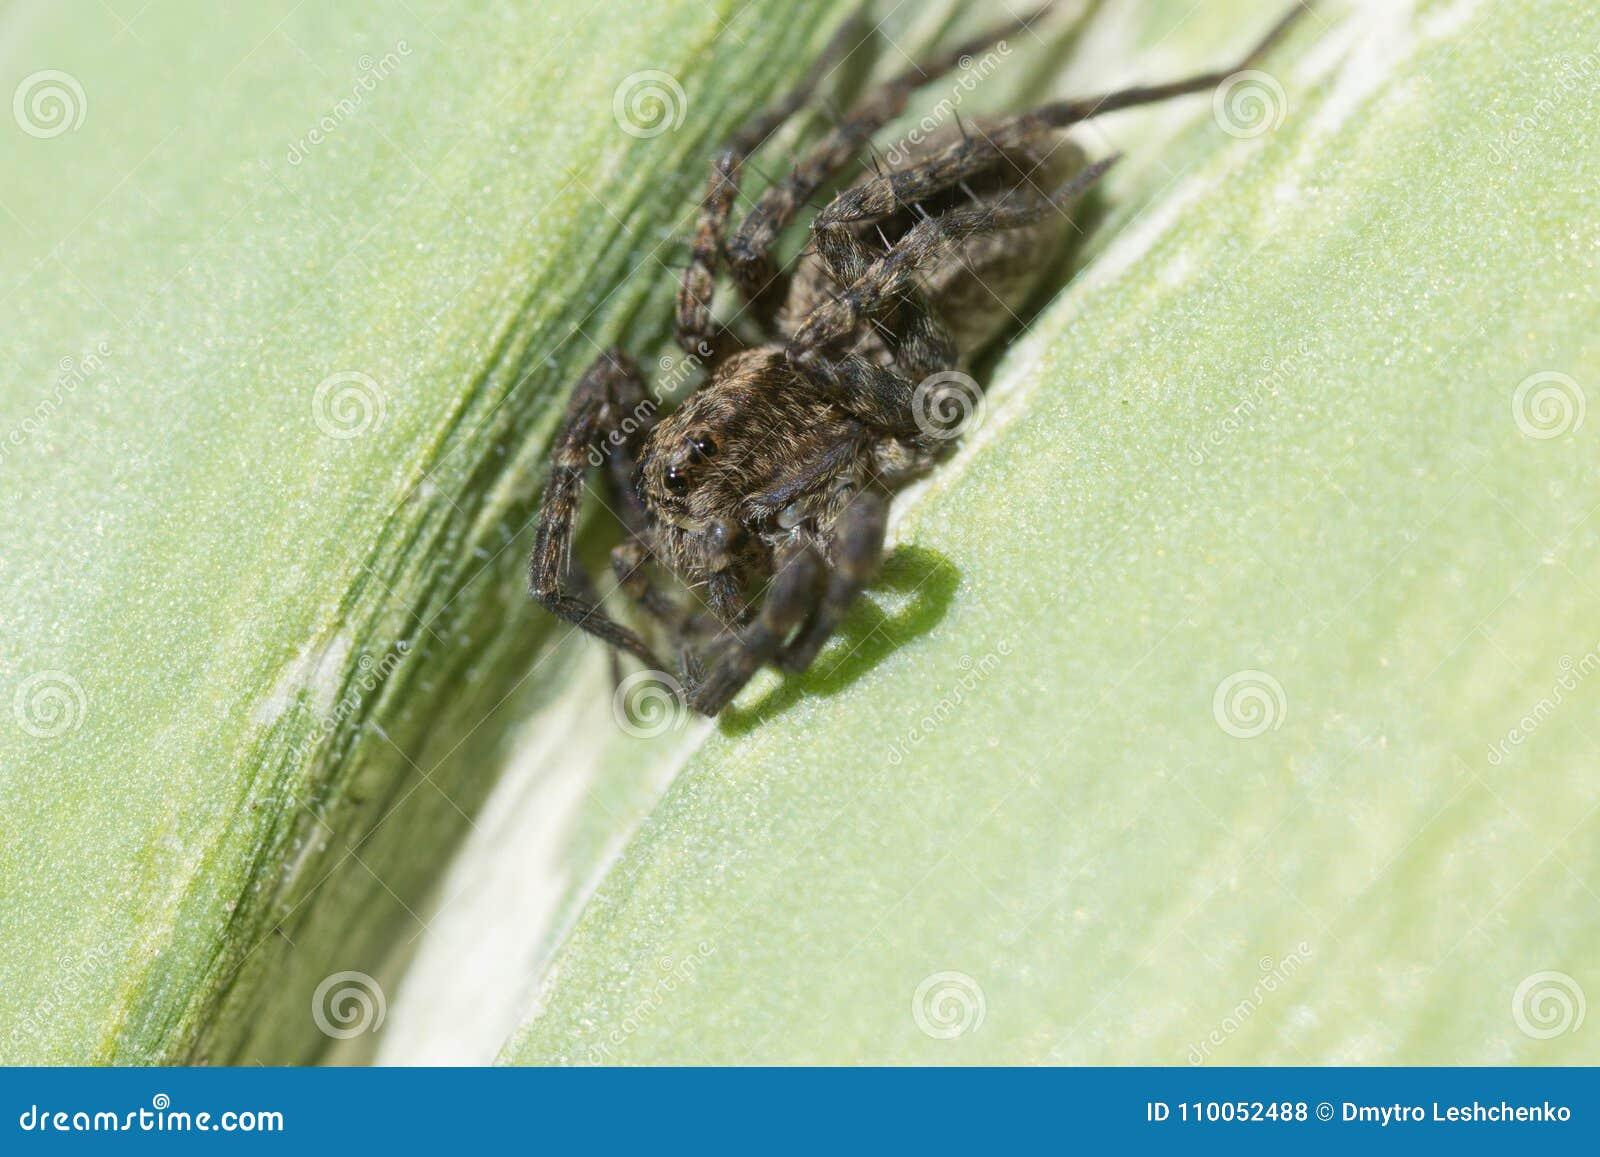 Djur spindeldjur, farligt, grönt som är hårig, kryp, förkläde, banhoppning, blad, makro, natur, gift, läskigt som är litet, spind